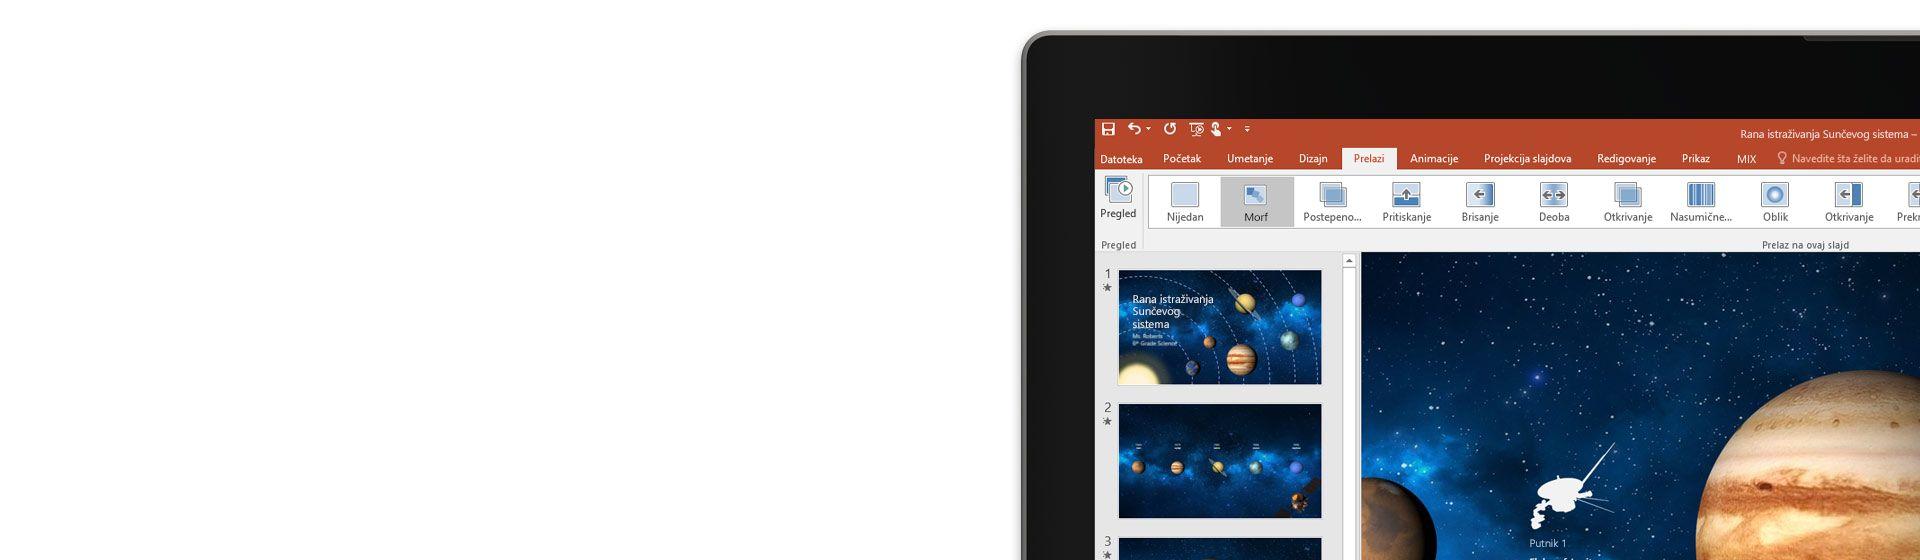 """Tablet koji prikazuje funkciju """"Morf"""" na slajdu PowerPoint prezentacije."""